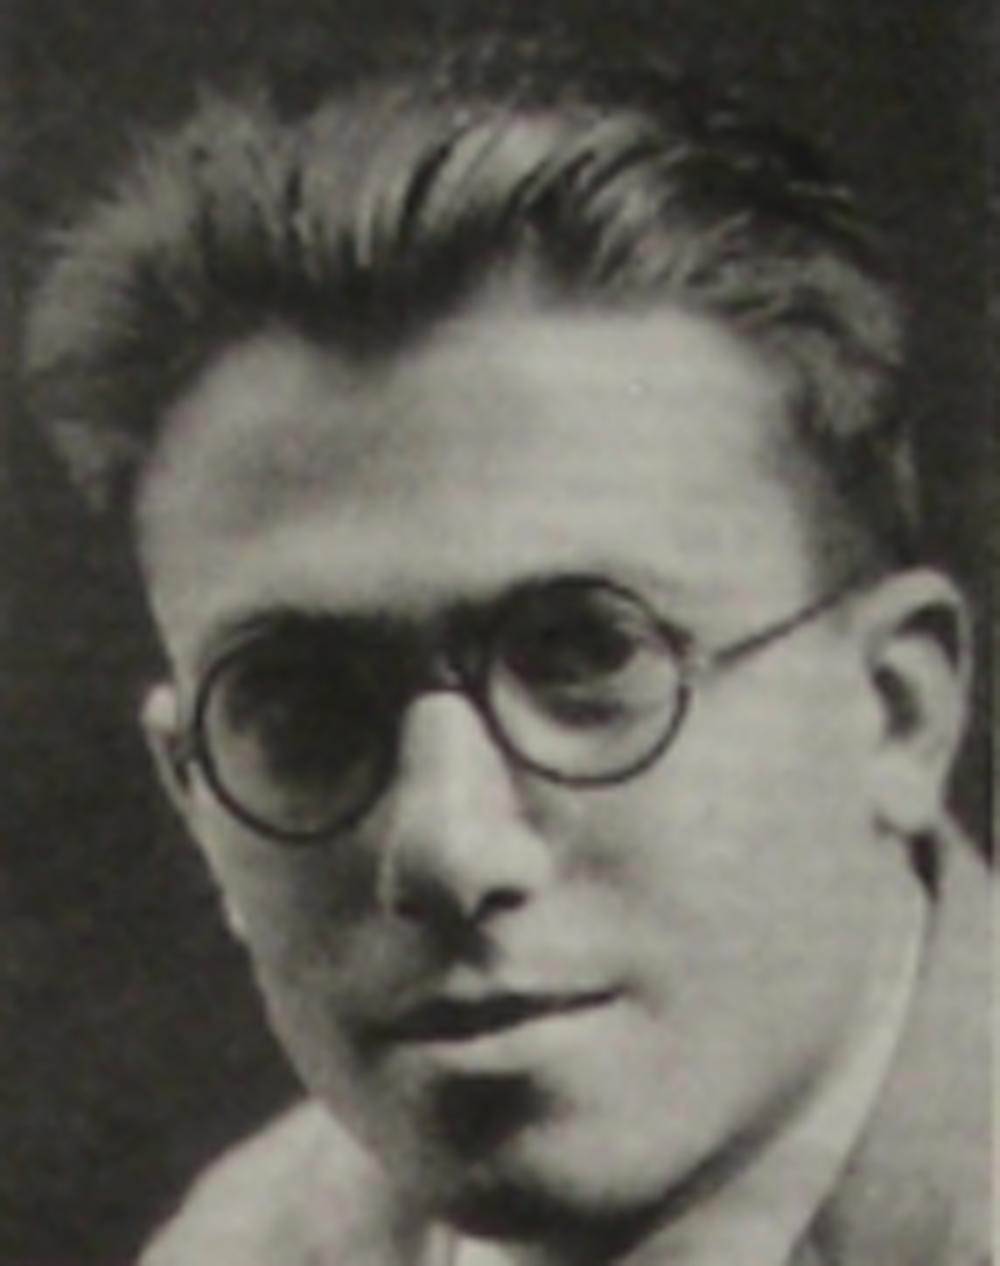 Salvador Vila, rector de la Universidad de Granada, fusilado el 22 de octubre de 1936 junto a otras 28 personas y arrojado a una fosa común en el Barranco de Víznar. Wikimedia Commons